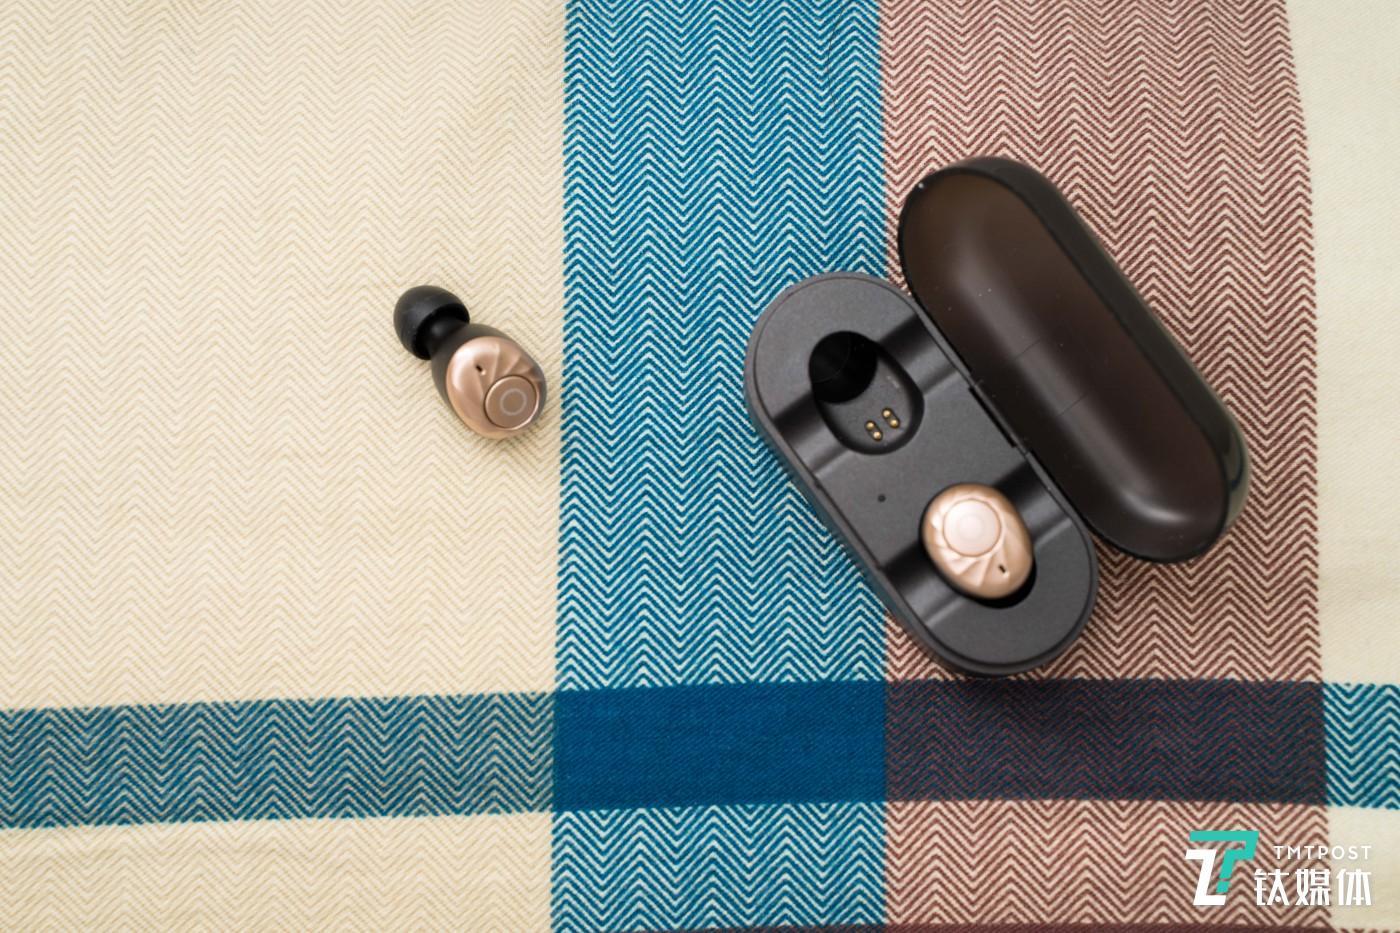 无线耳机更容易掉落在床上,所以睡觉醒来寻找它们也是一件麻烦事